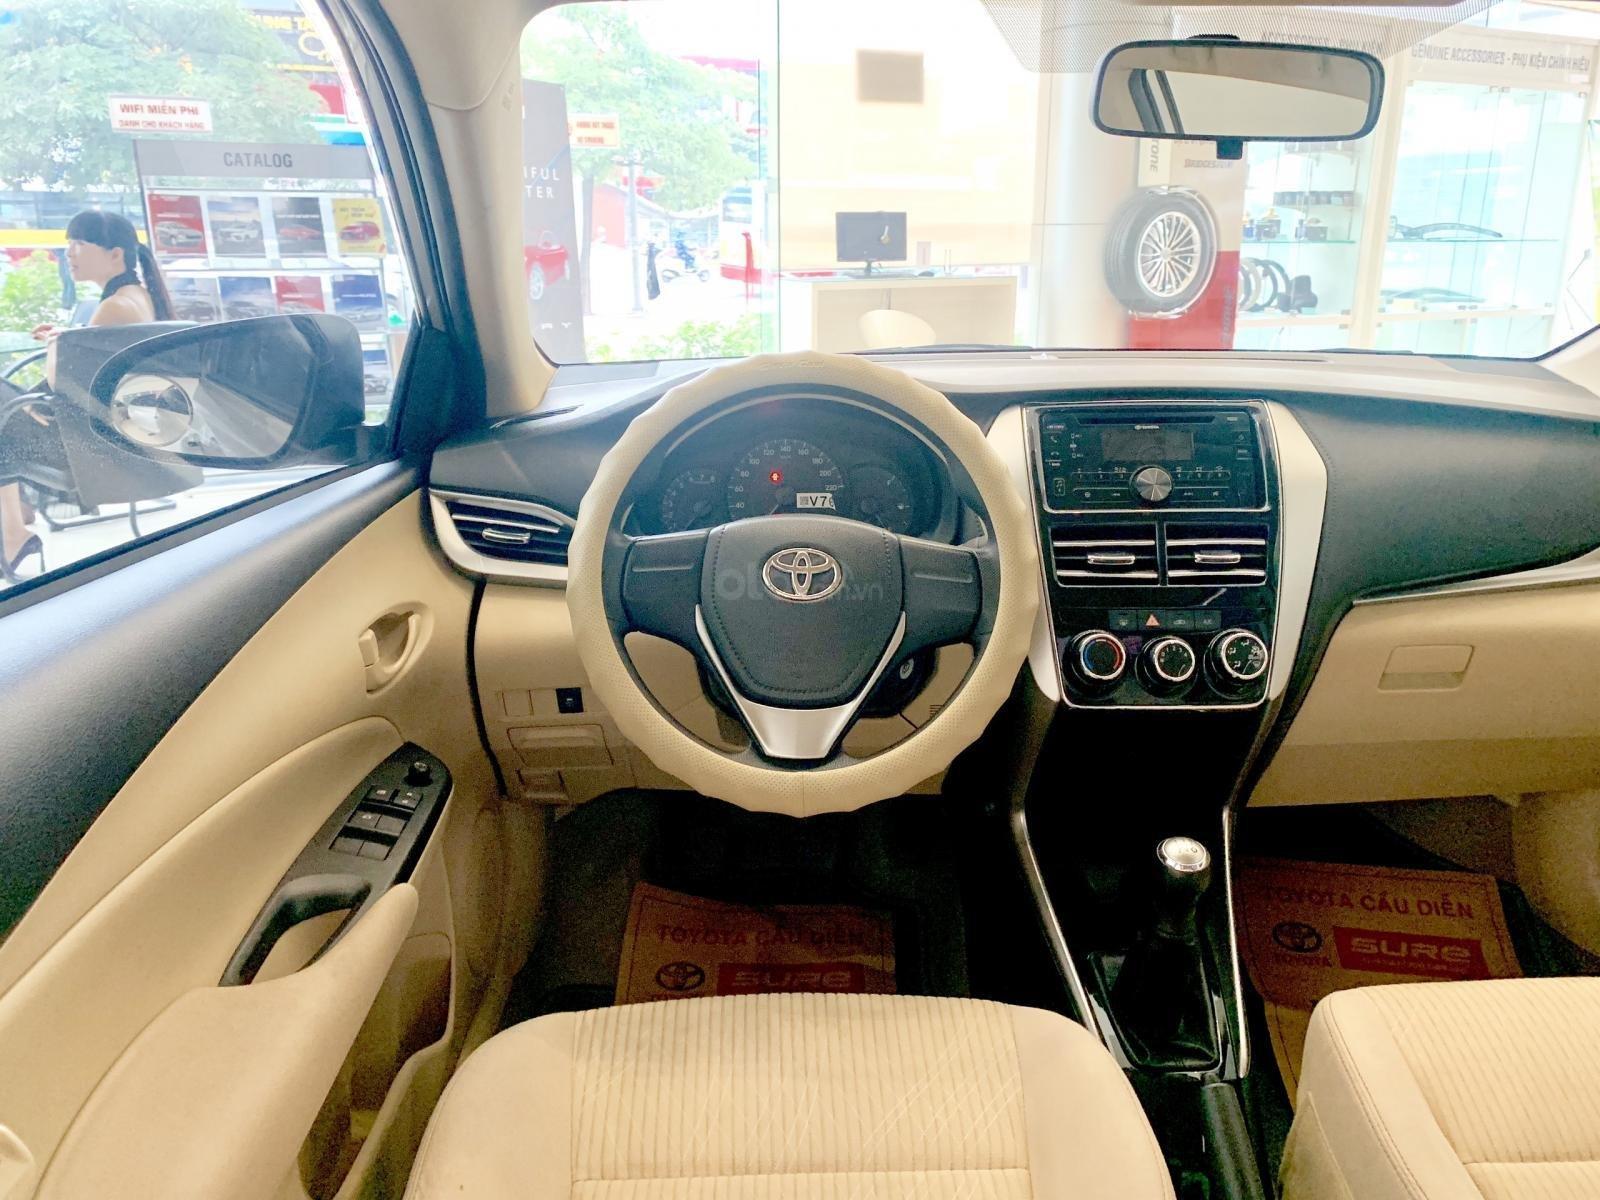 Bán xe Toyota Vios E đời 2019 màu nâu vàng (8)